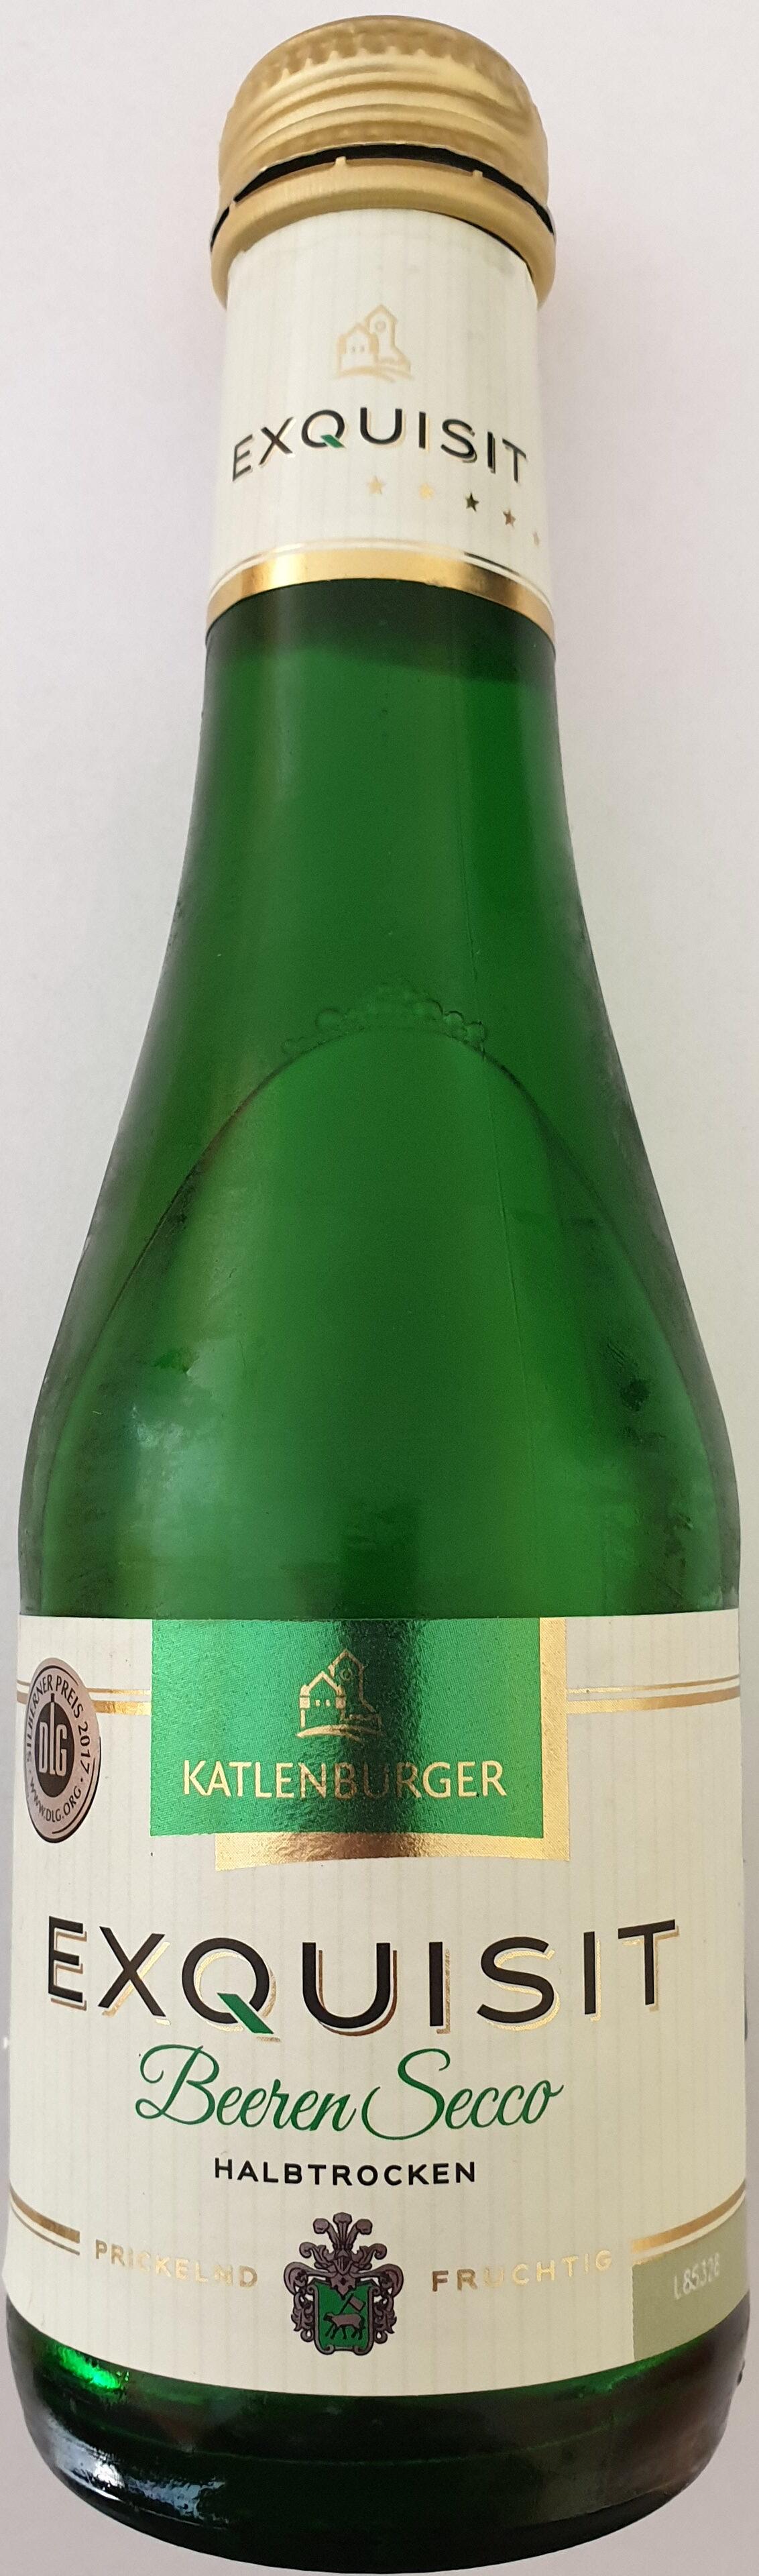 Exquisit BeerenSecco halbtrocken - Product - de